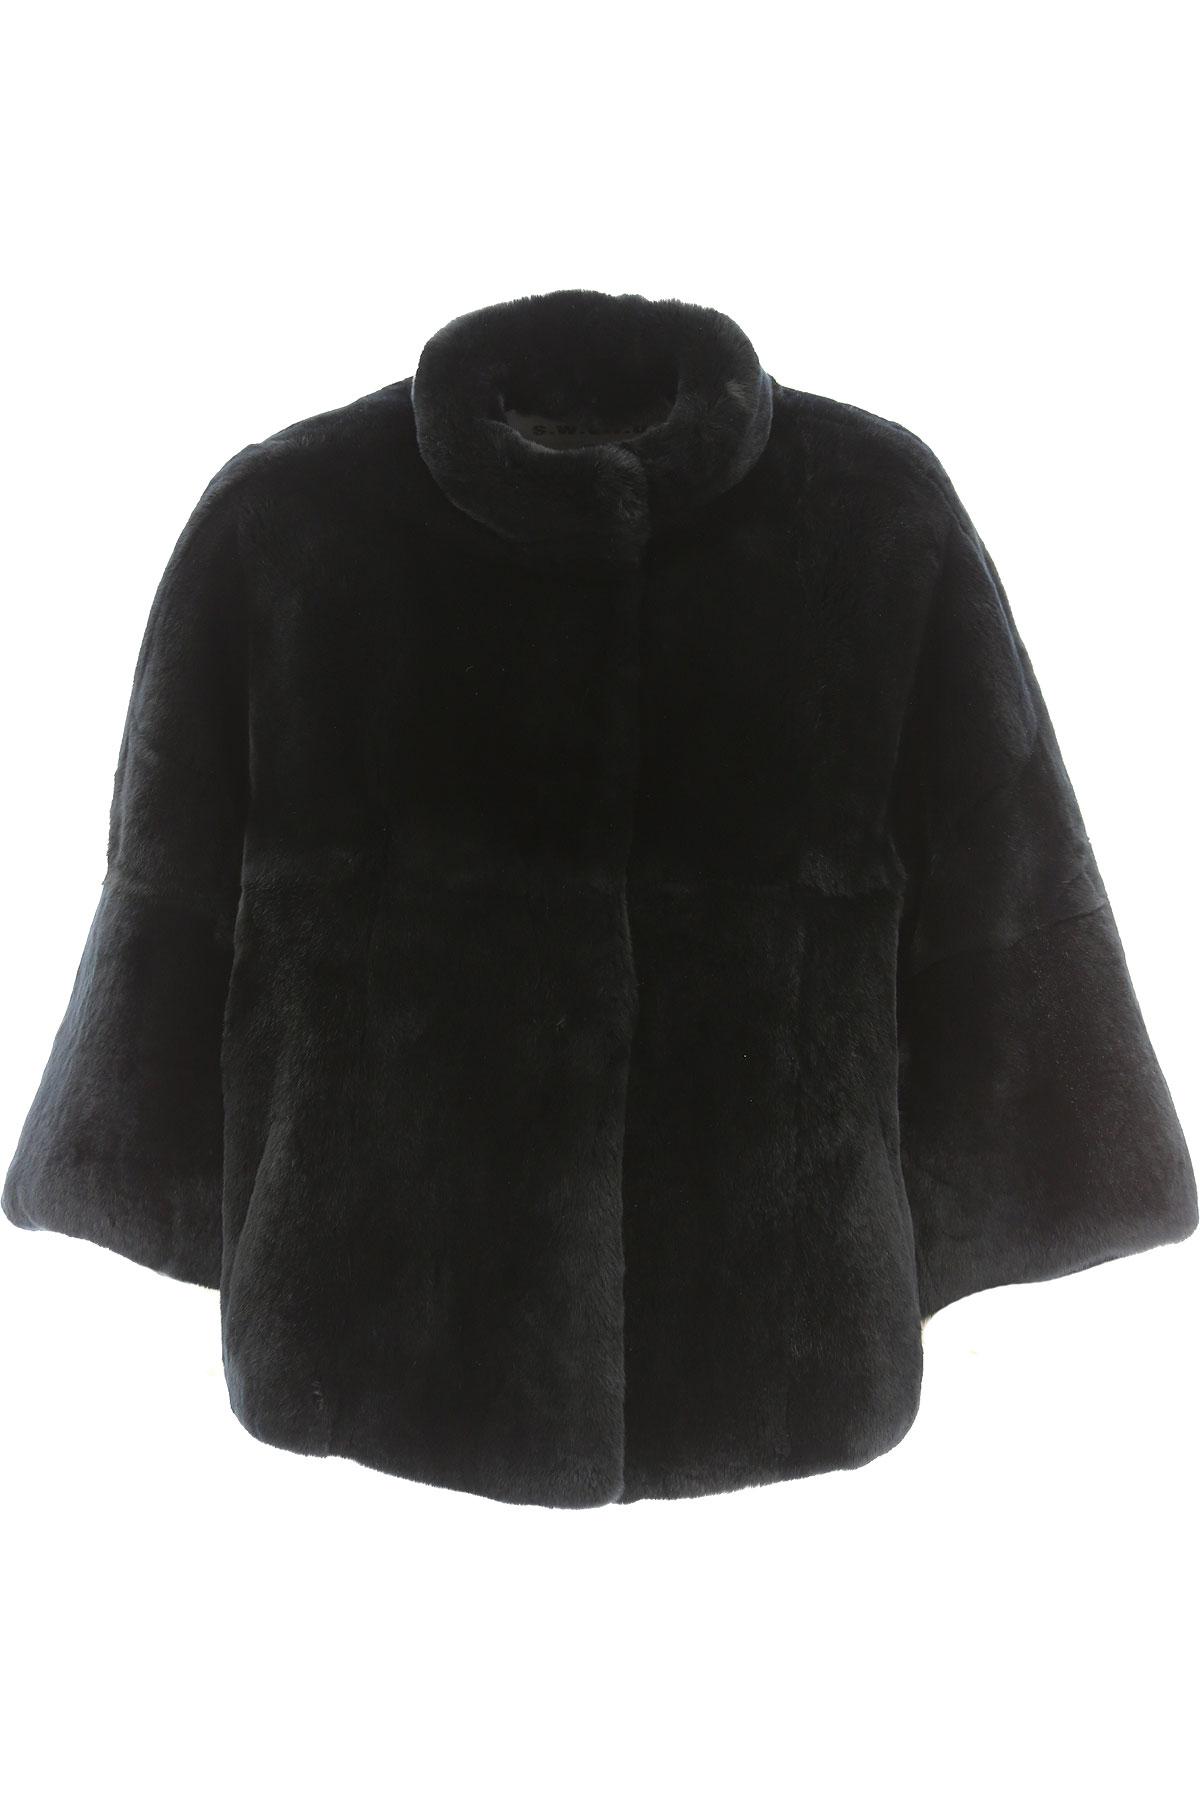 S.W.O.R.D Jacket for Women On Sale, Black, Fur, 2019, 8